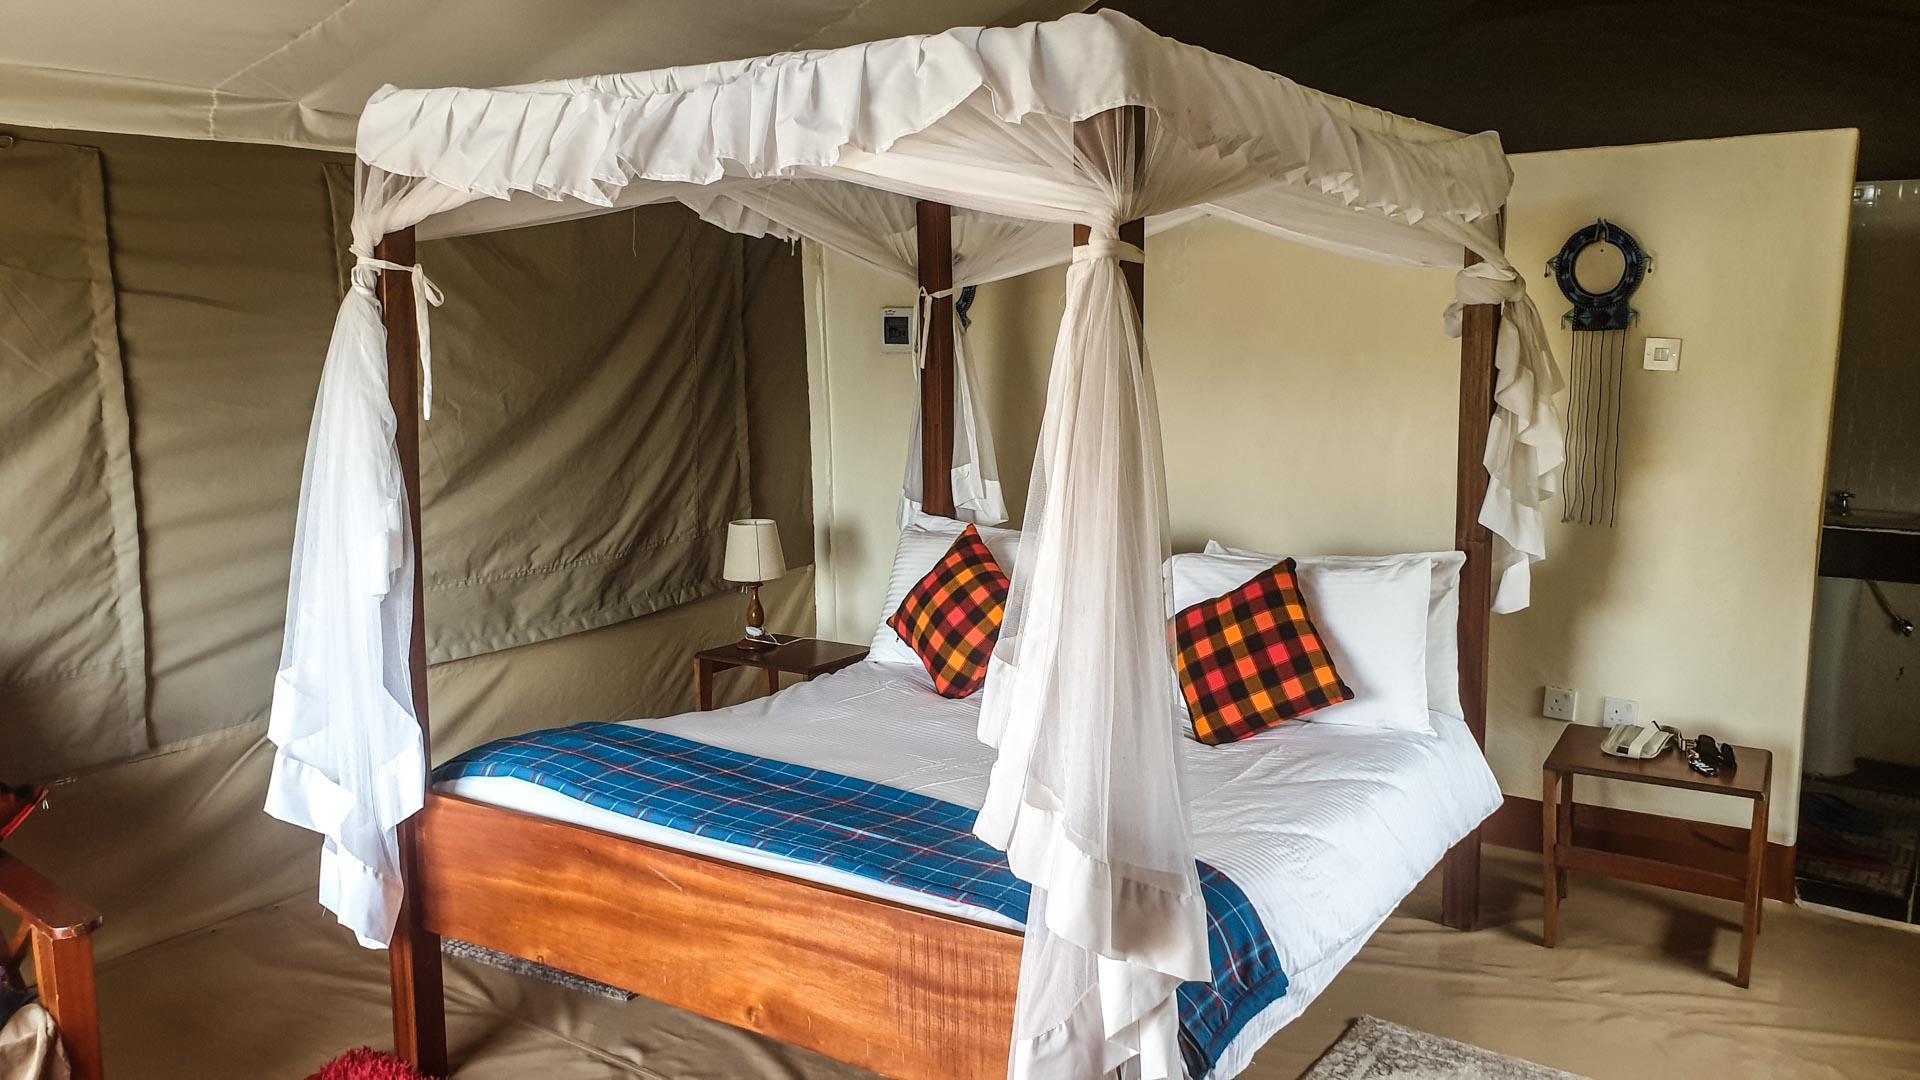 Tienda de campaña por dentro, Enkorok Mara Camp